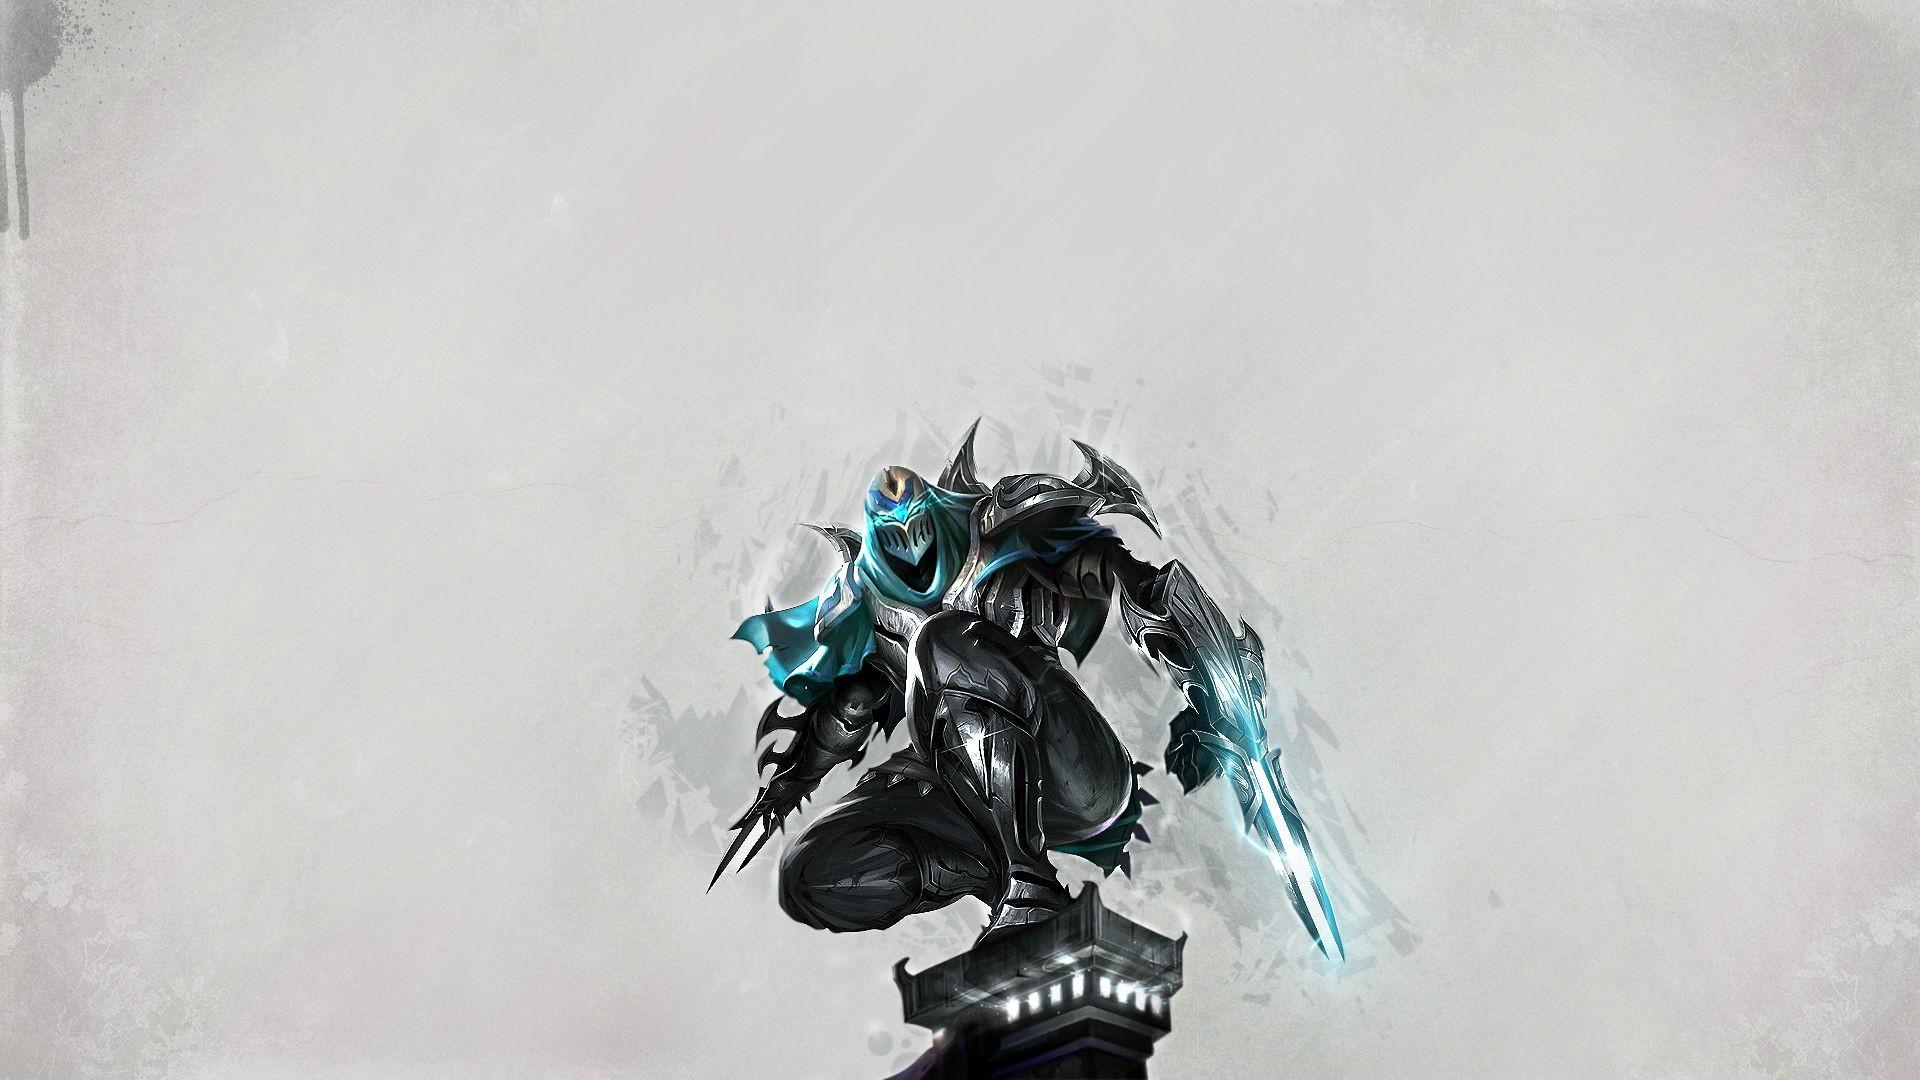 Zed. League of Legends Zed Wallpaper